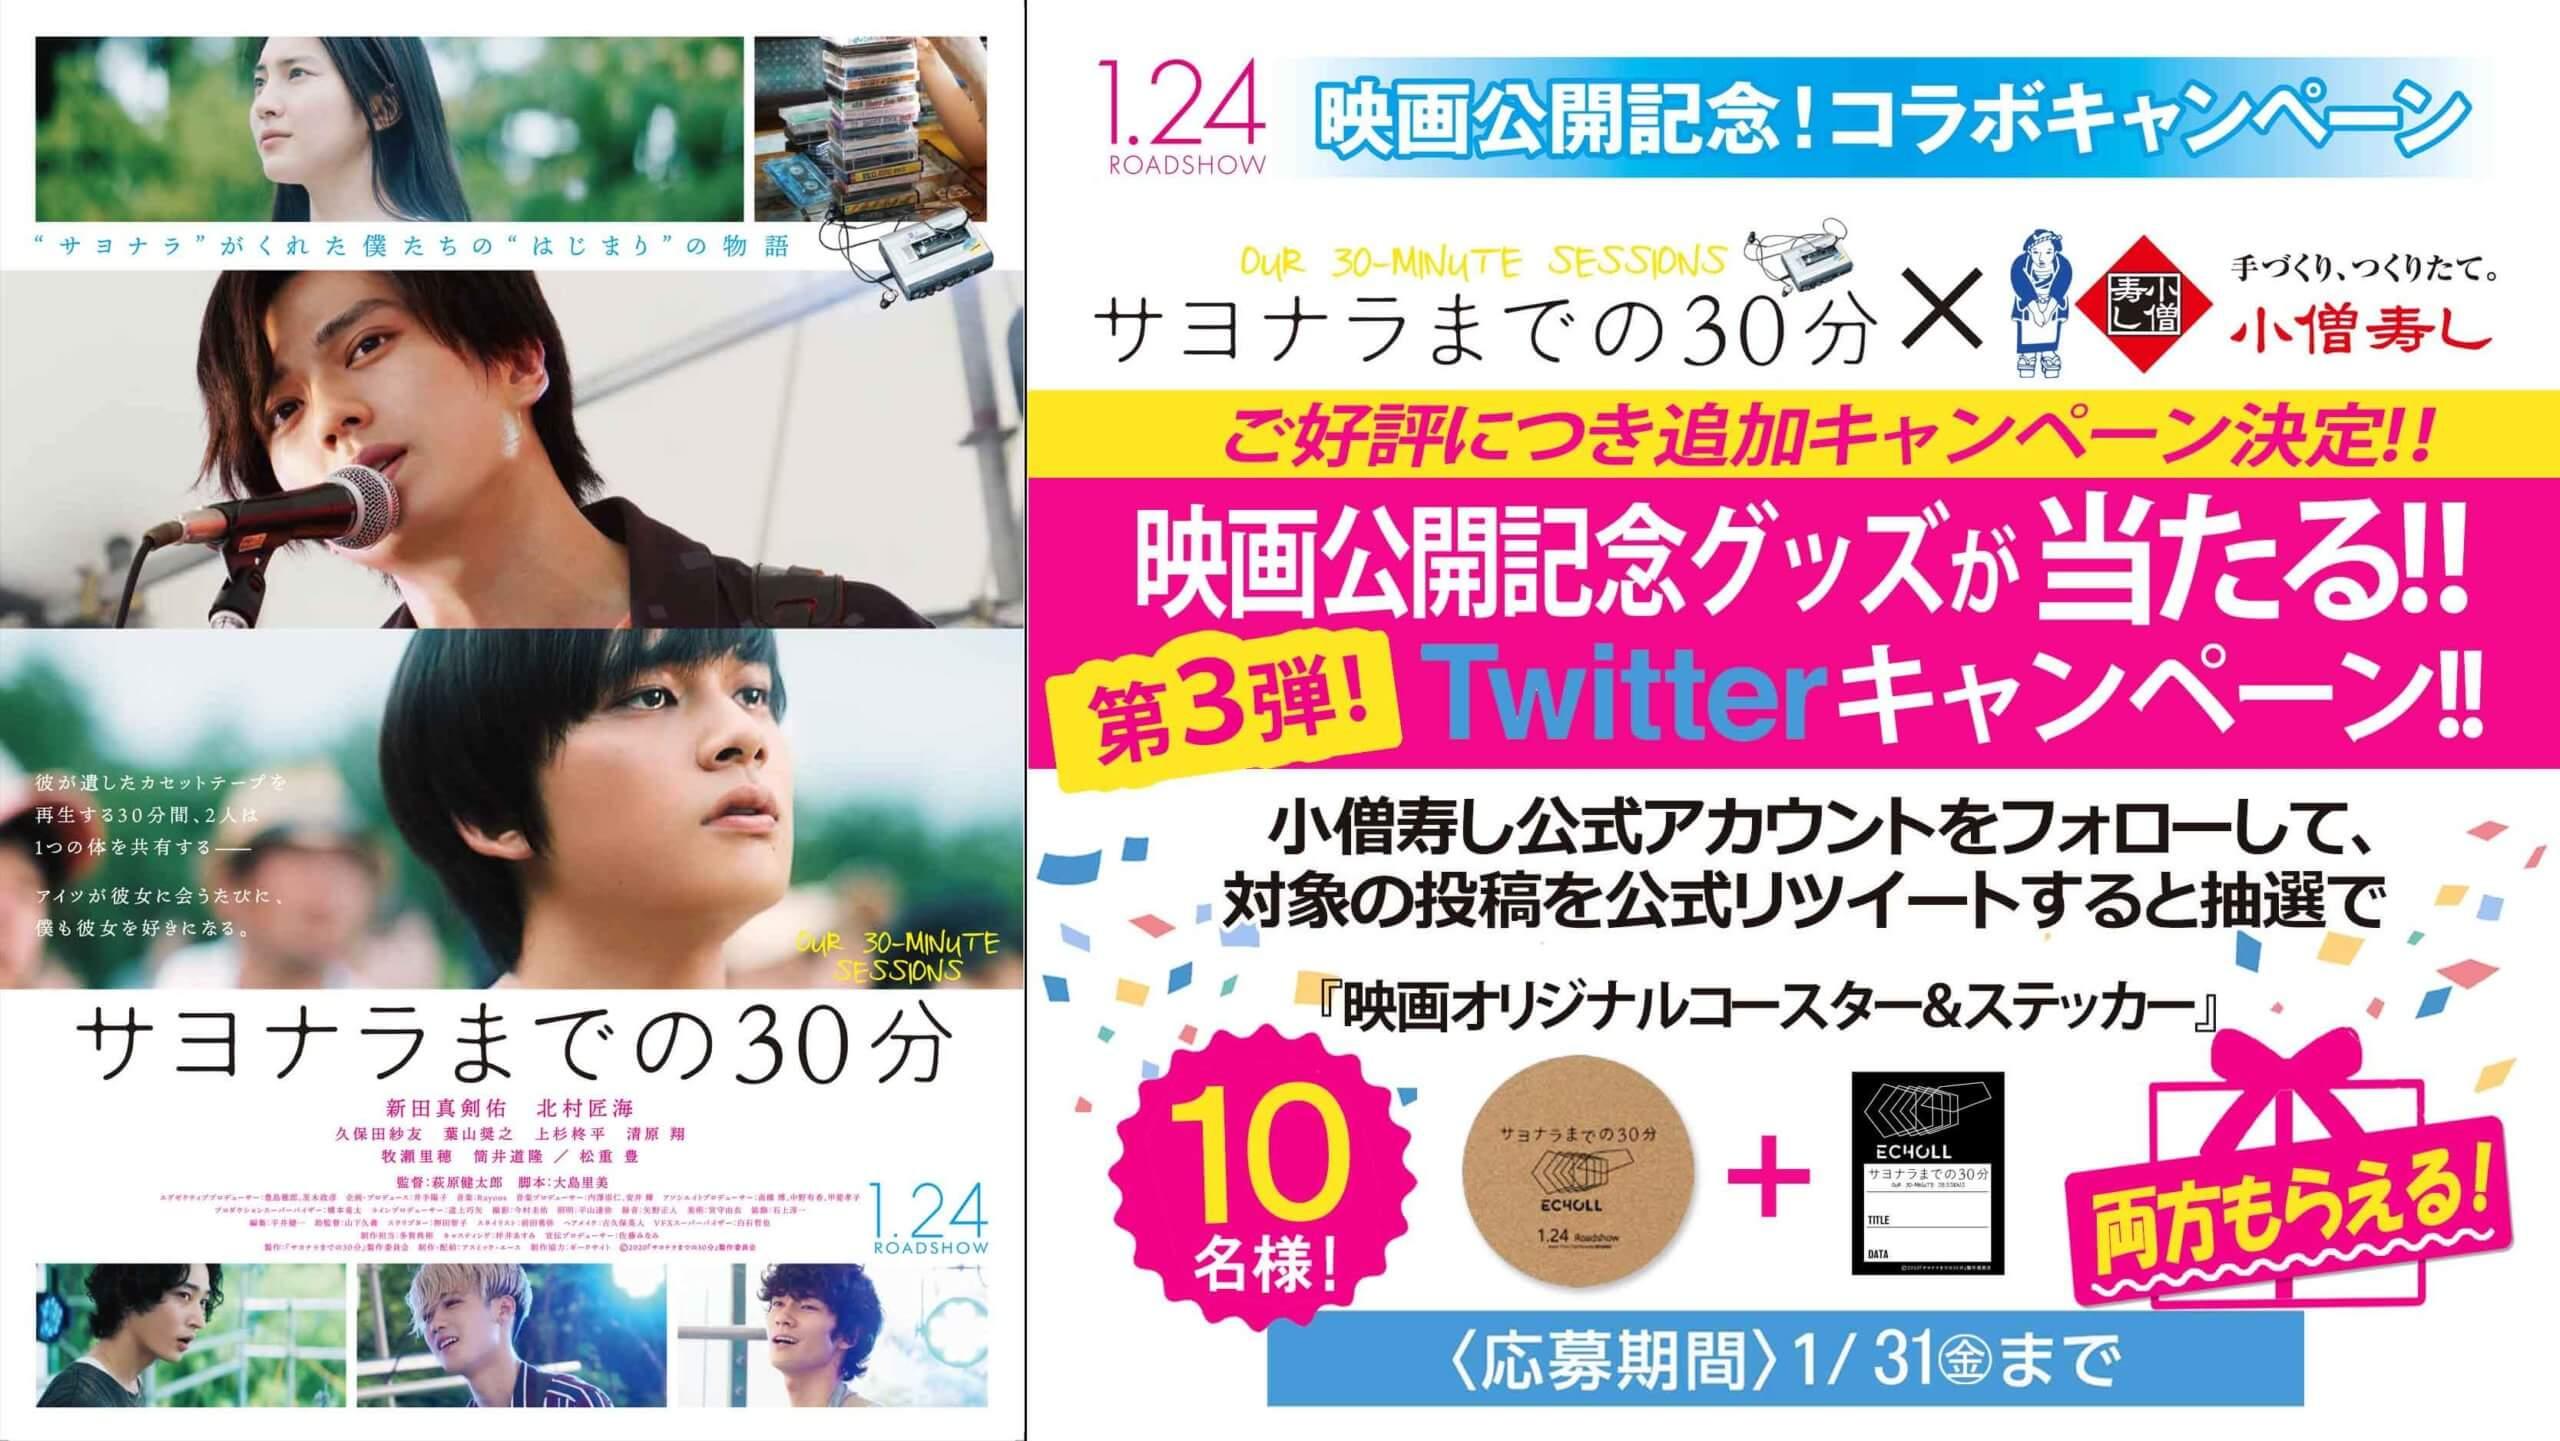 小僧寿し×映画『サヨナラまでの30分』 コラボキャンペーン!